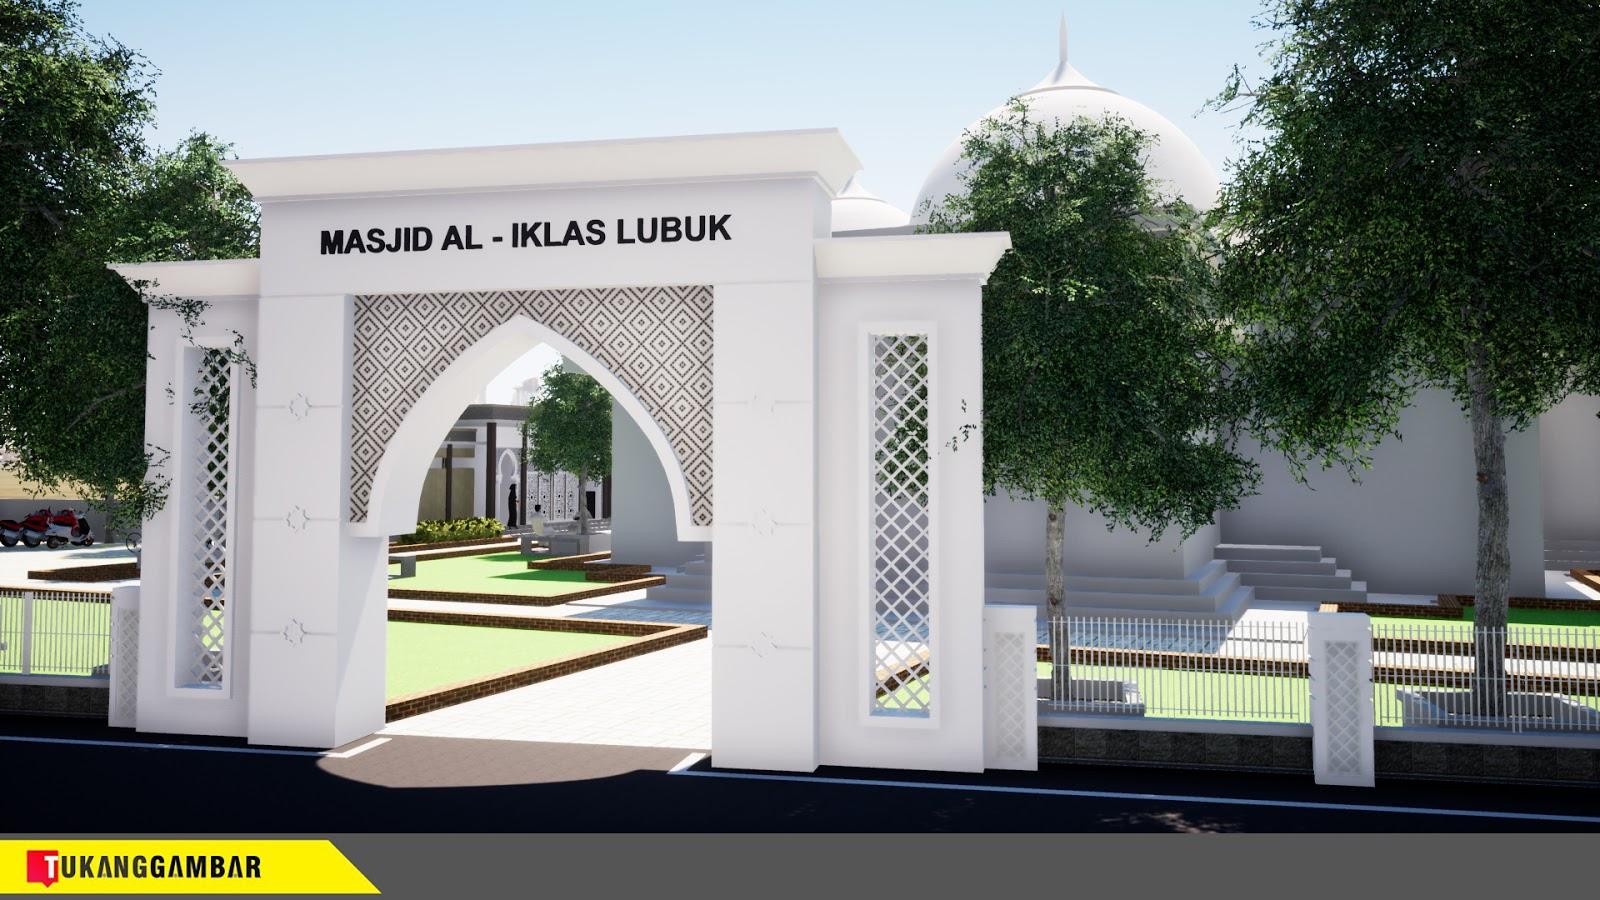 Masjid Al-Ikhlas Lubuk